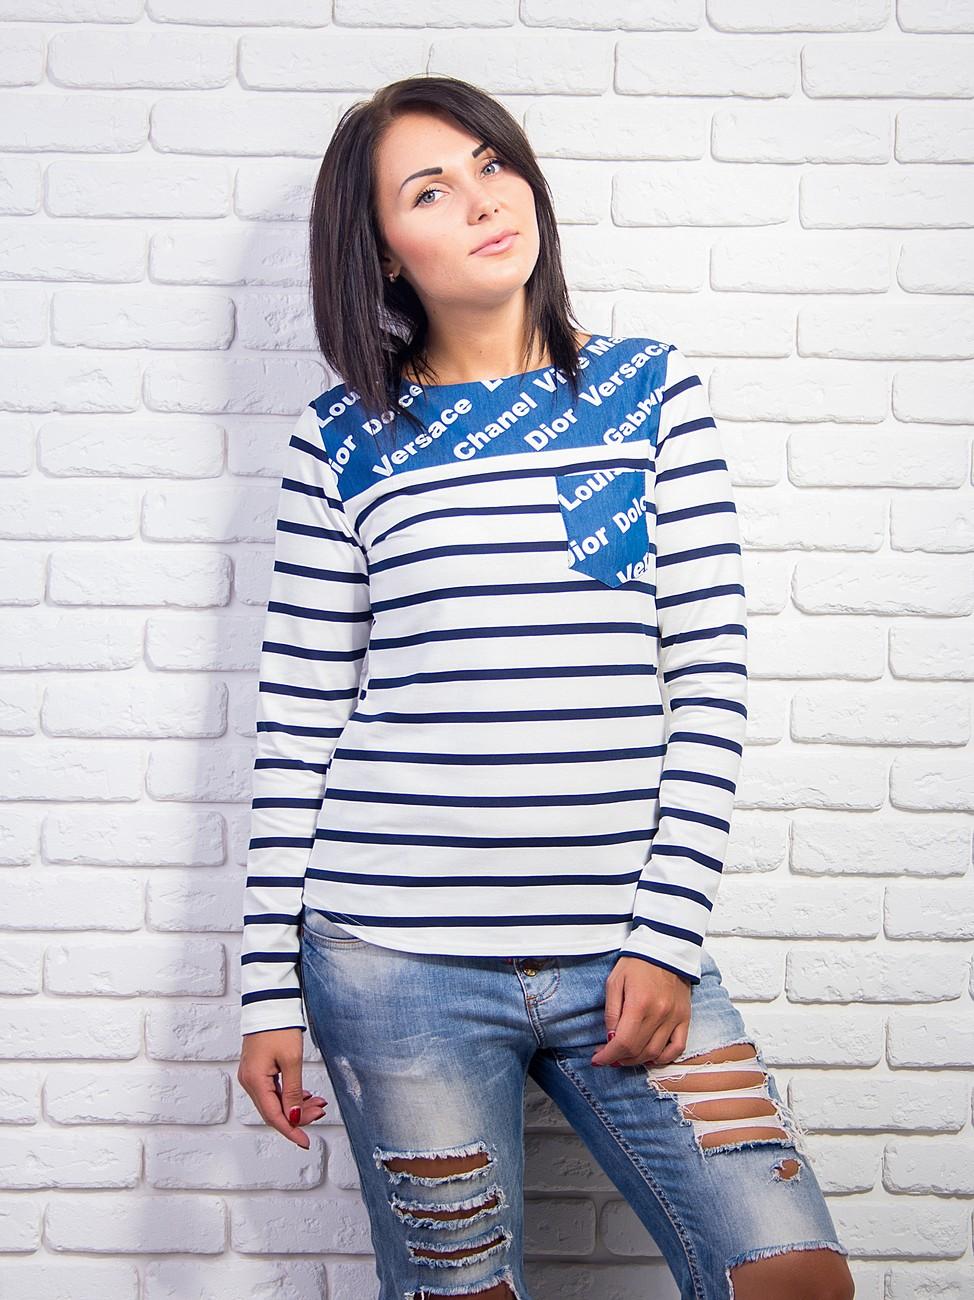 Блузки женские брендовые 2014 в нижнем новгороде